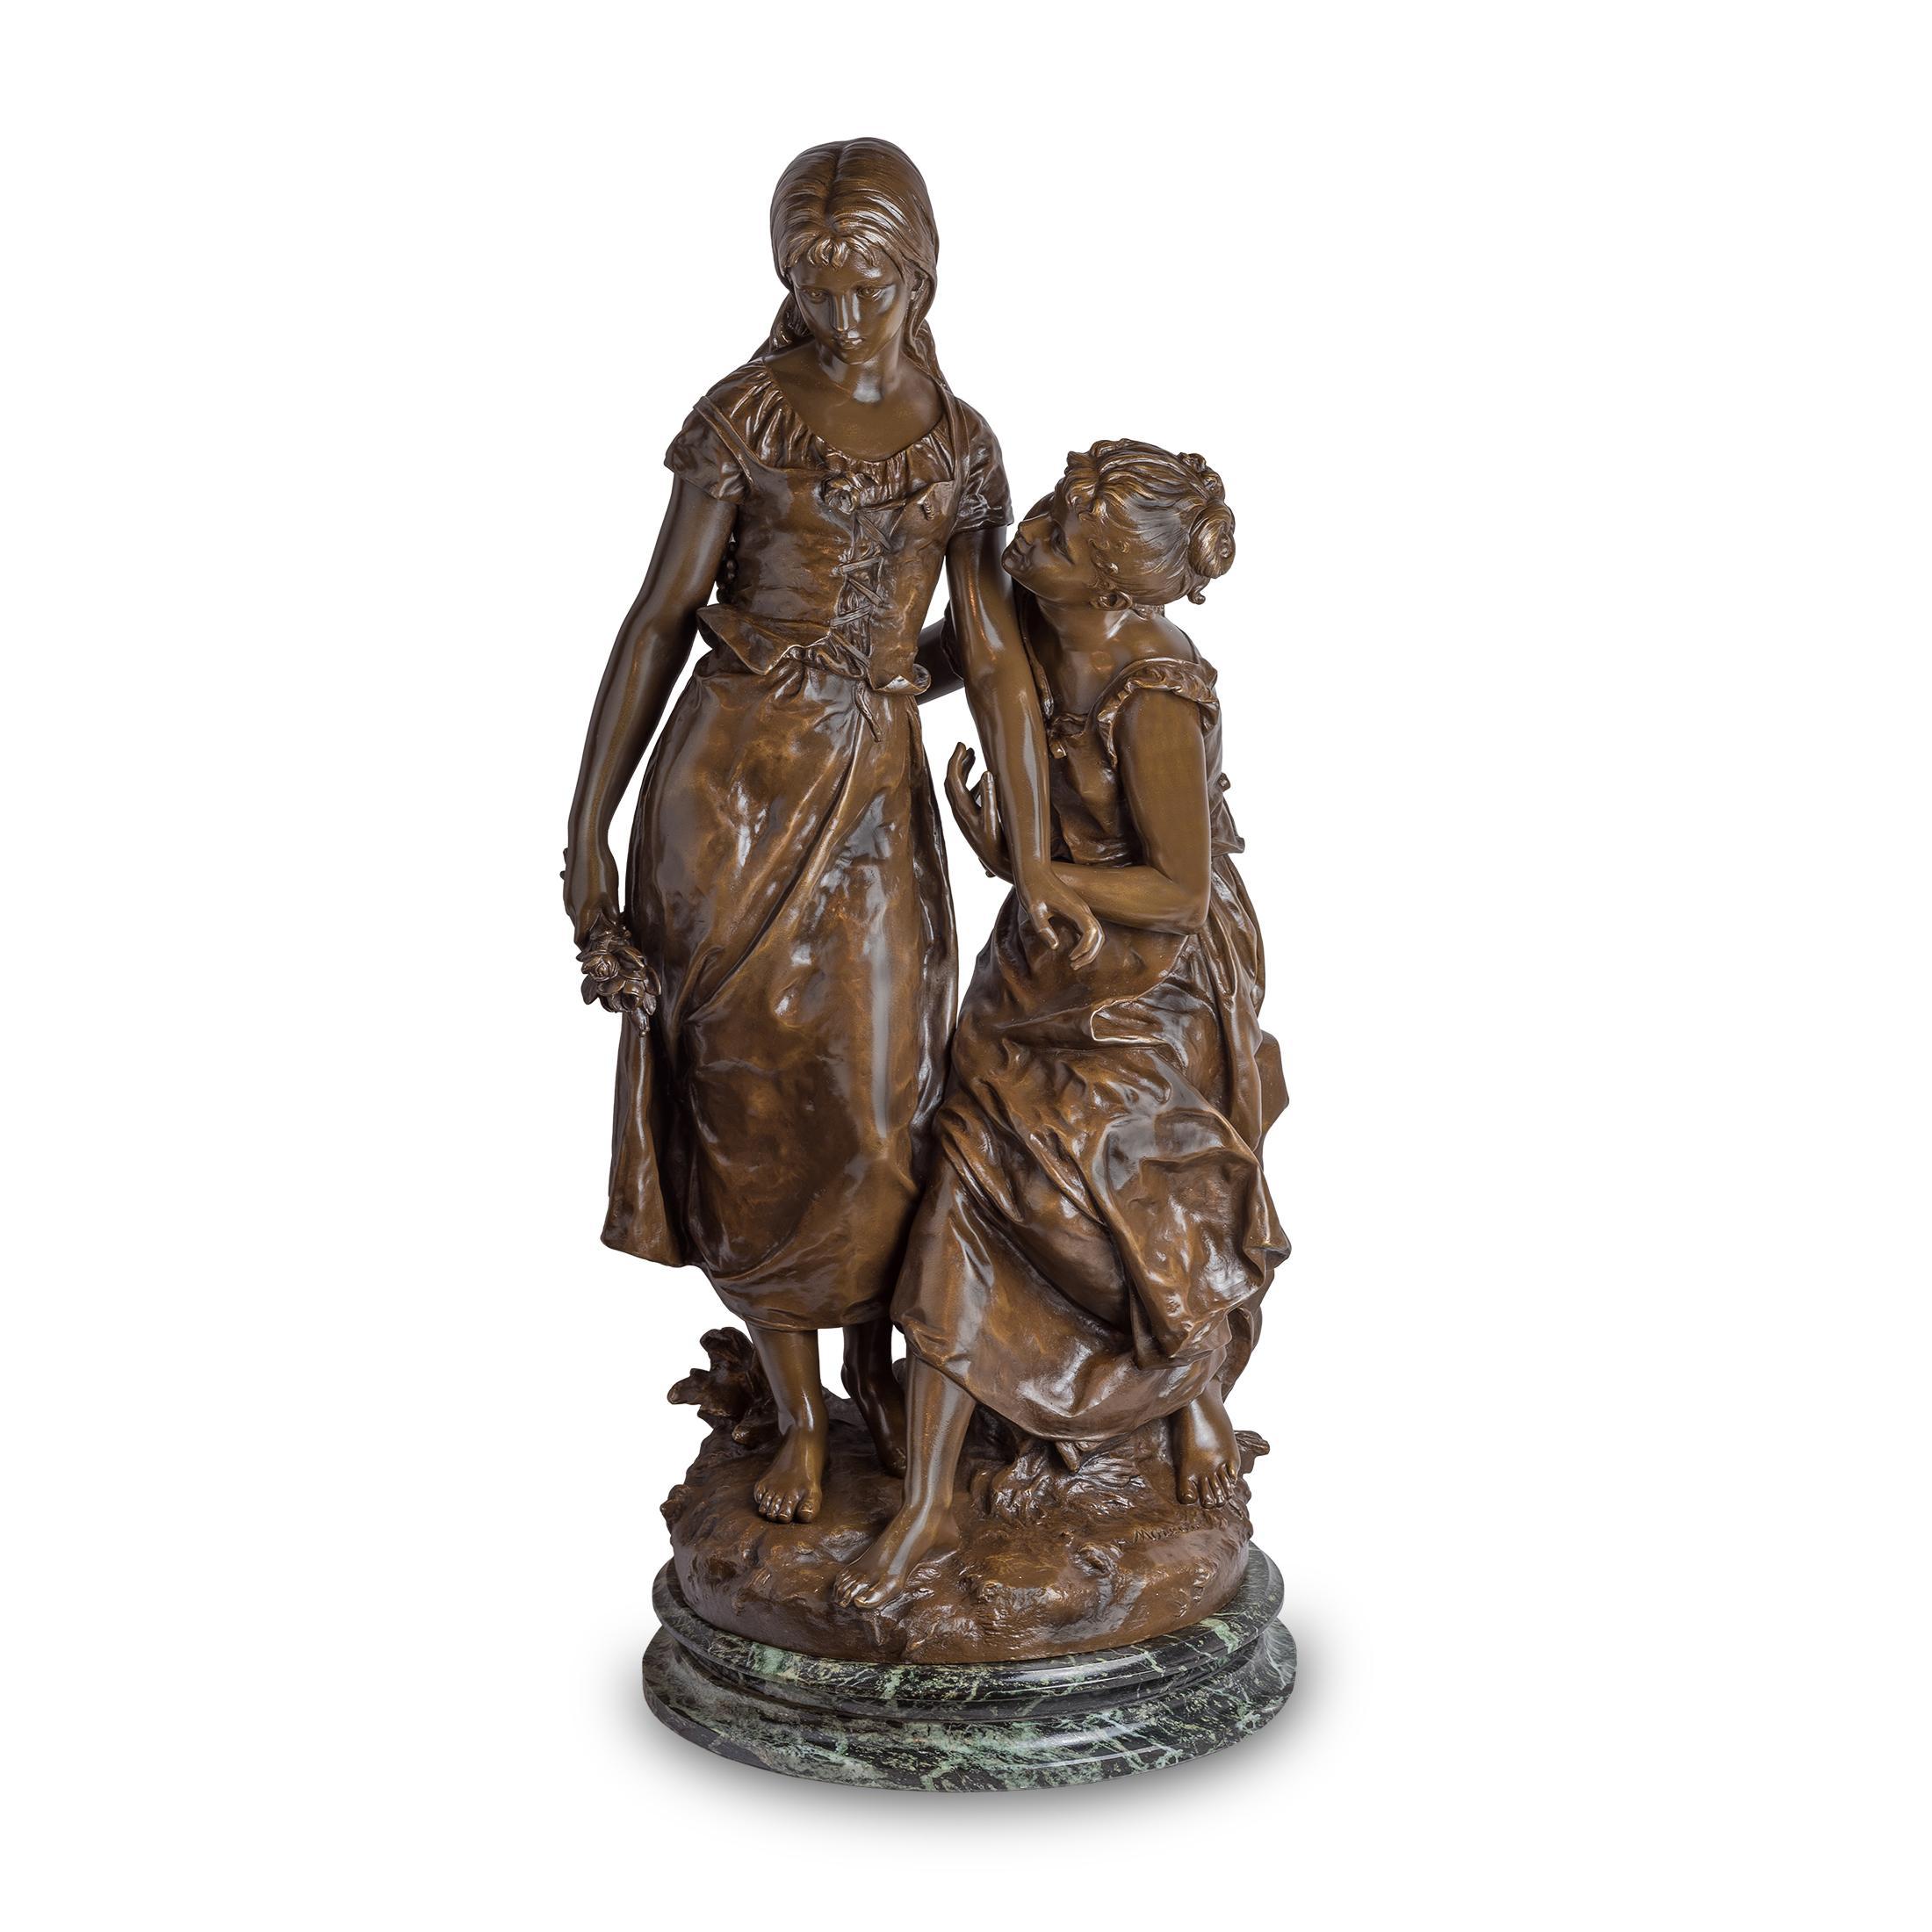 Bronze sculpture of Two Beauties